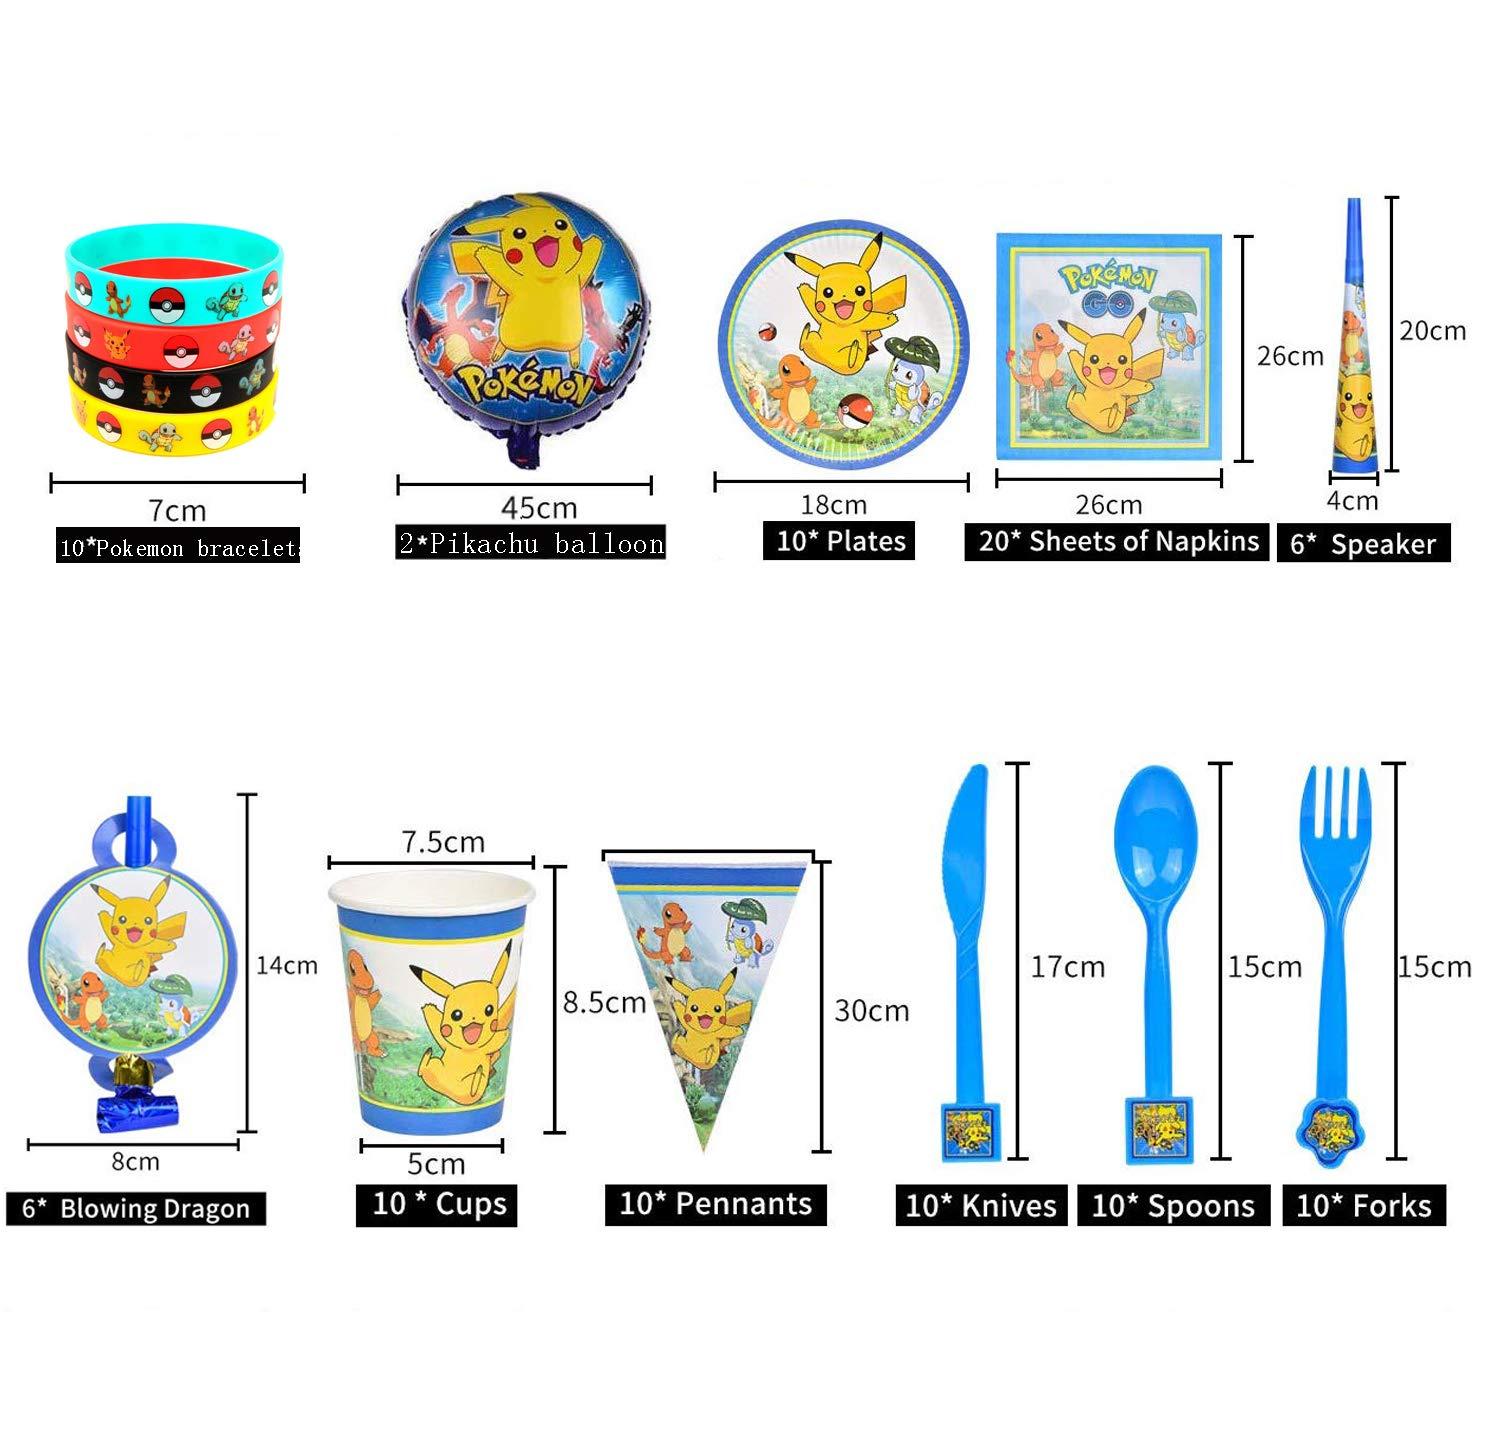 Decorazione per Feste di Compleanno per Bambini di Pokemon 118 Pezzi Pokemon Braccialetti Party Kit Pokemon Kids Birthday Party Decoration per 10 Ospiti per Festeggiamenti